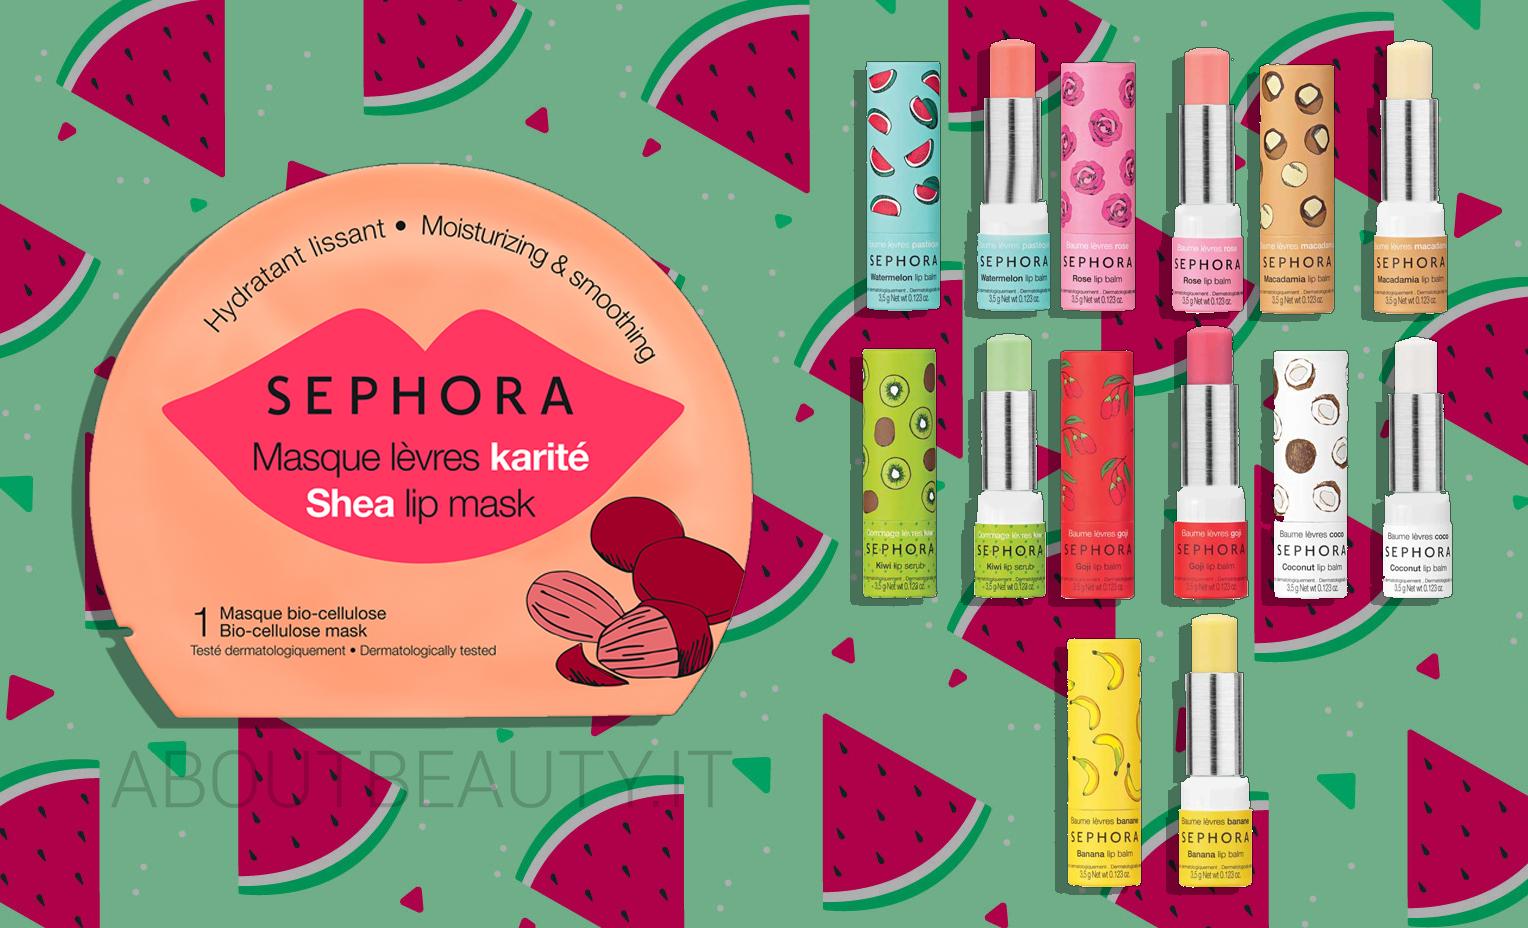 Pulizia del viso a casa con le novità Sephora Collection Skincare Estate 2018: balsami labbra e maschera labbra - - Review, recensione, opinioni, info, prezzo, dove acquistare